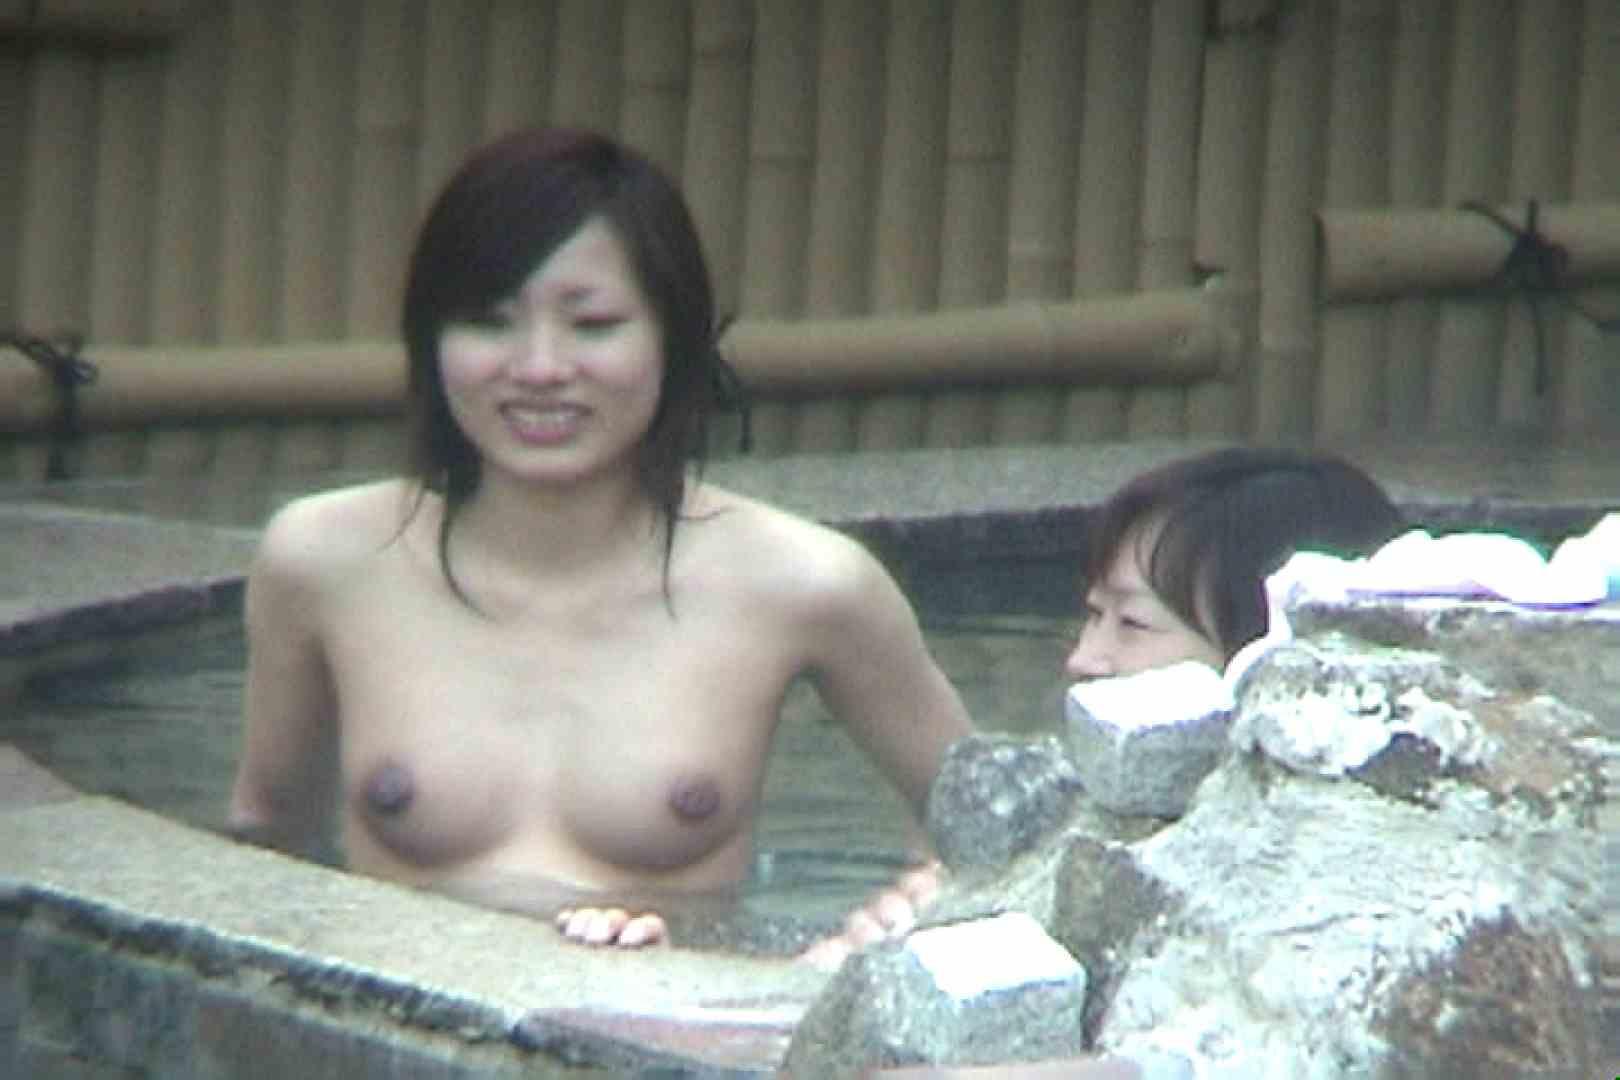 Aquaな露天風呂Vol.58【VIP限定】 盗撮  89画像 45